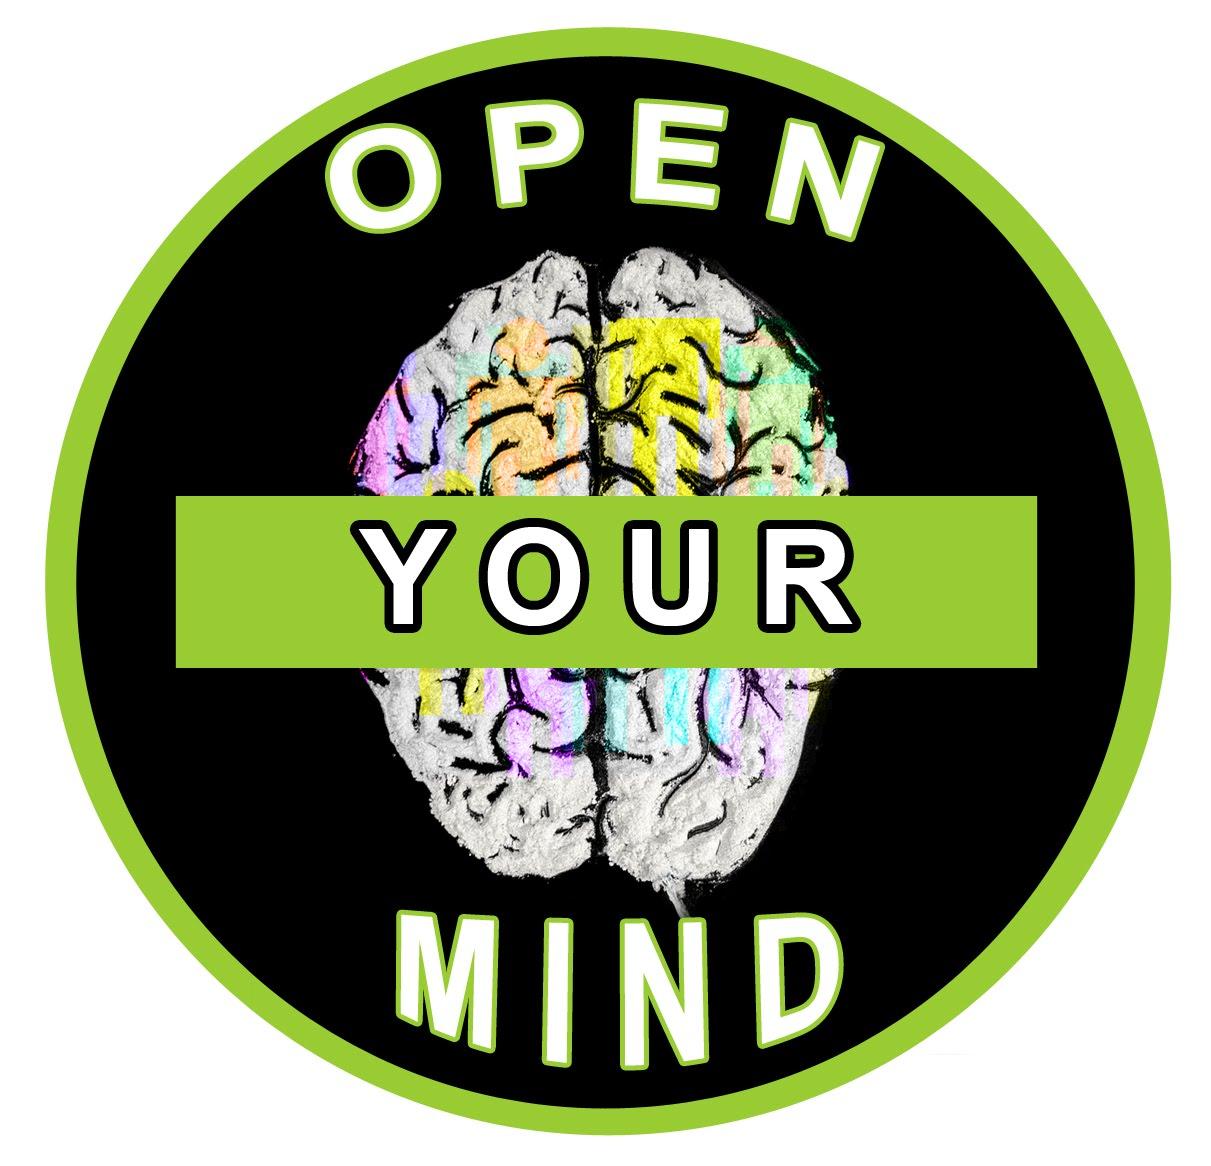 design fragilewinds campanha open your mind design ii. Black Bedroom Furniture Sets. Home Design Ideas